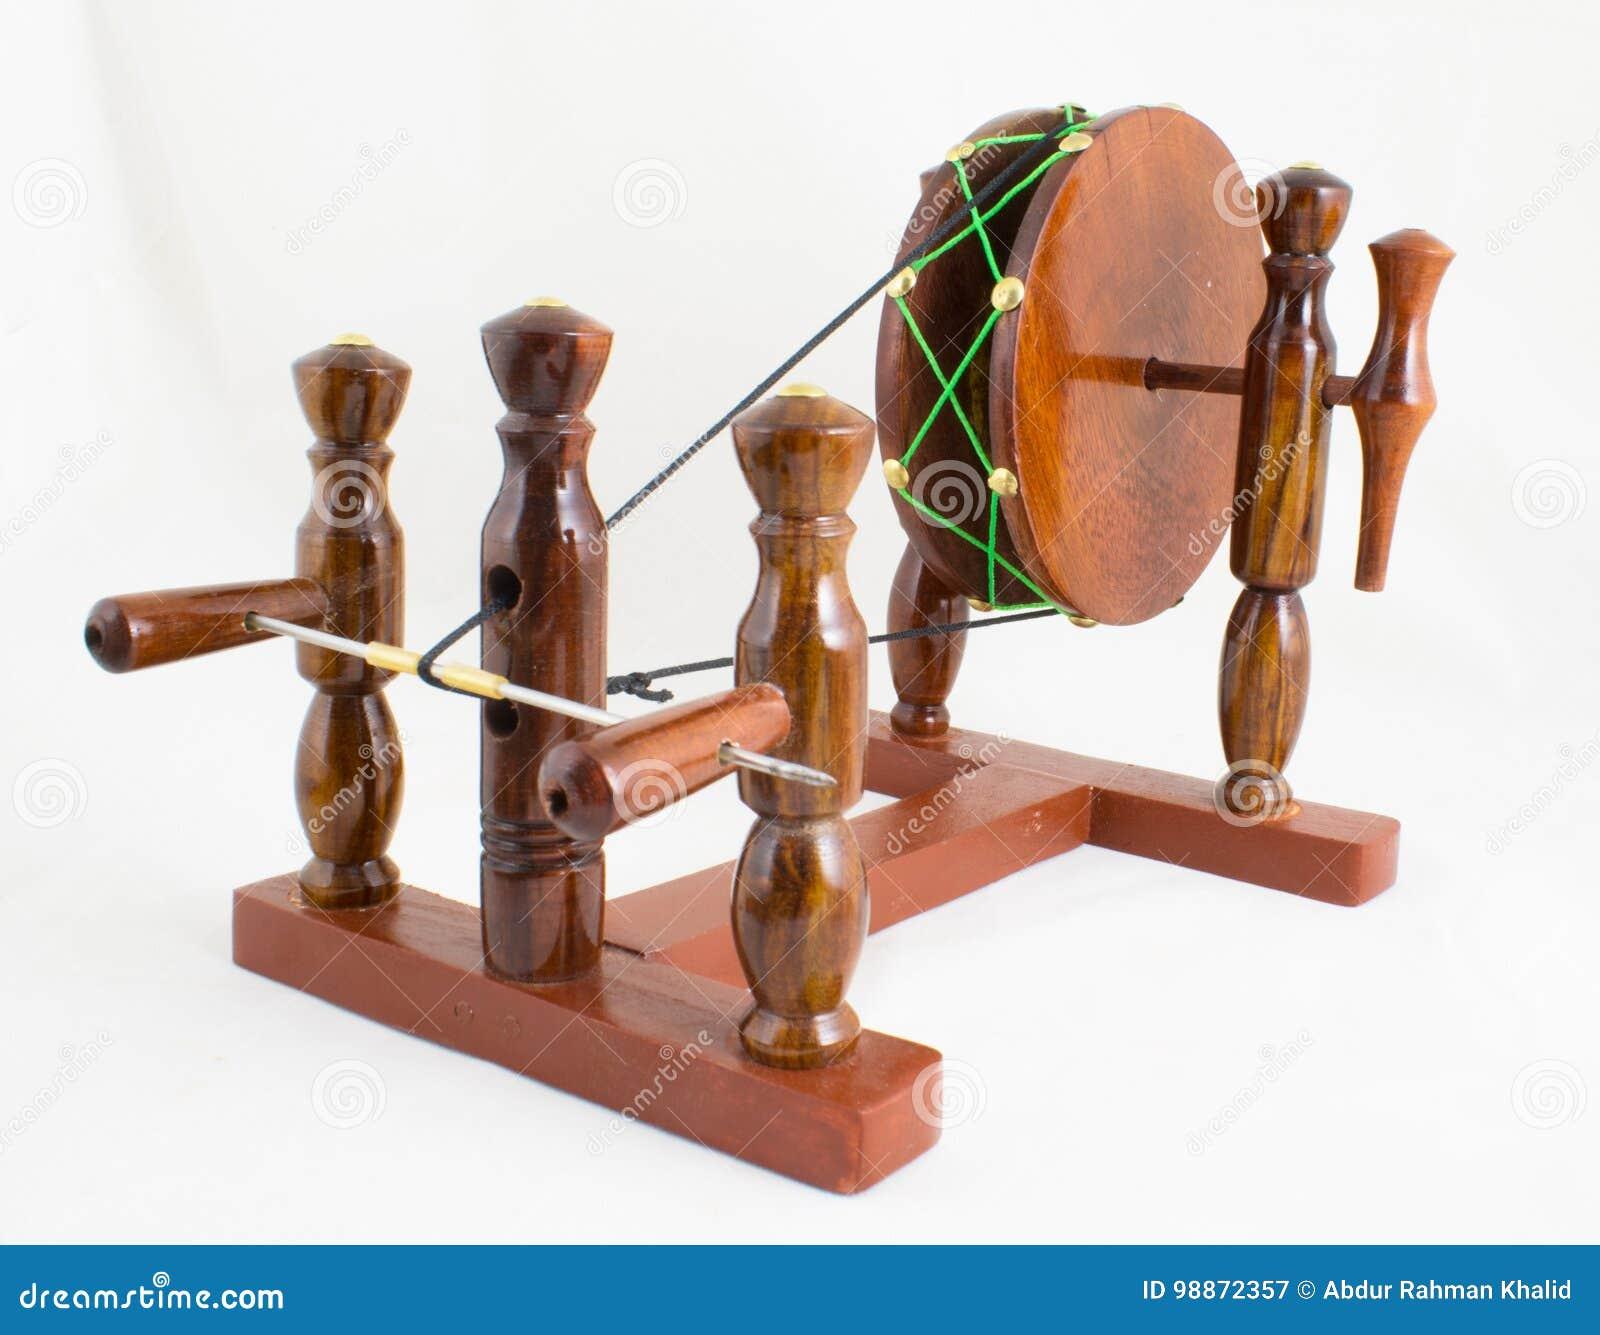 Handcraft la roue de rotation en bois - Indien Charkha